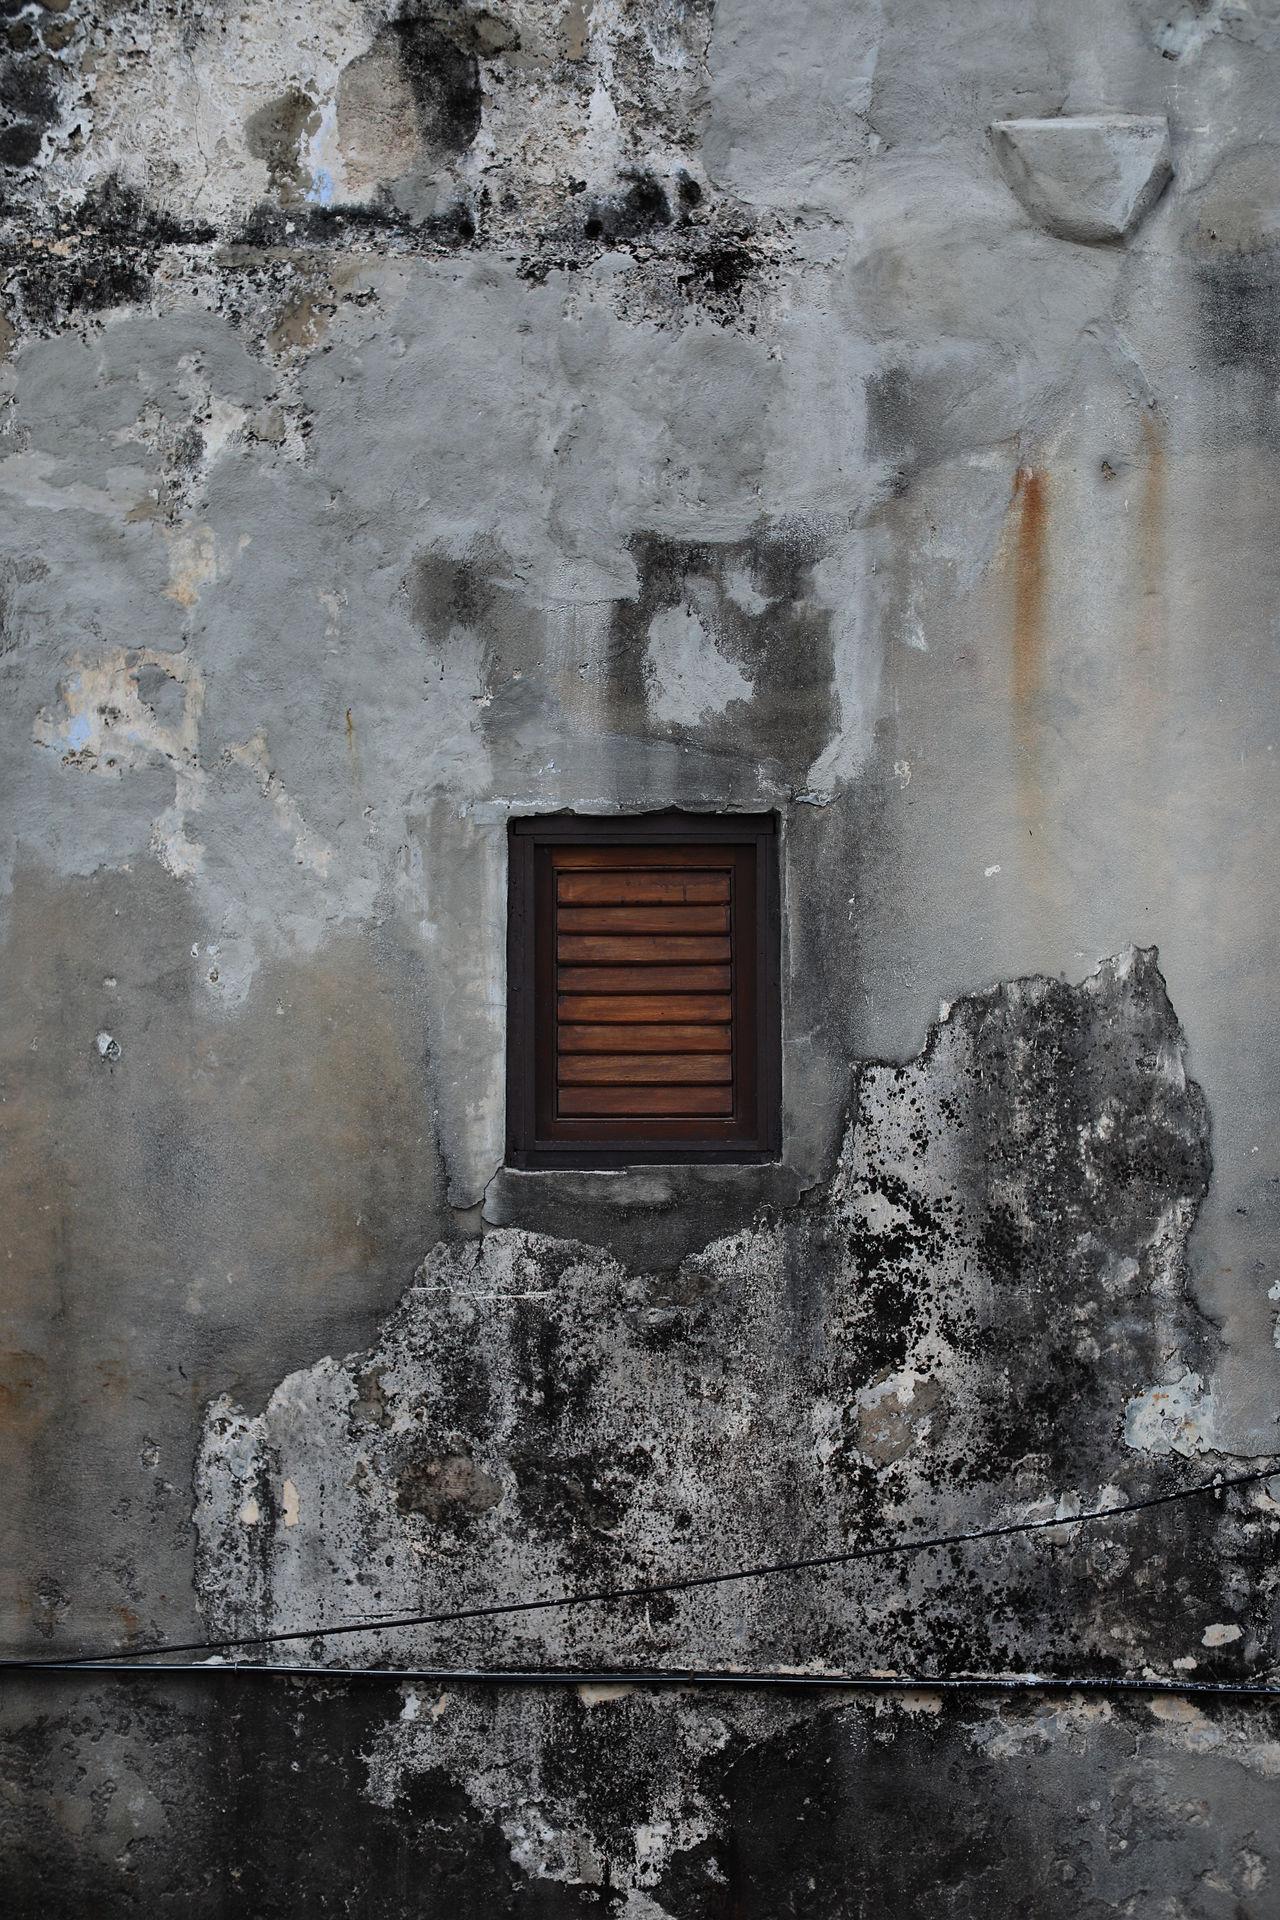 Window #georgetown #penang #penang Herritage# #texture #wall Window